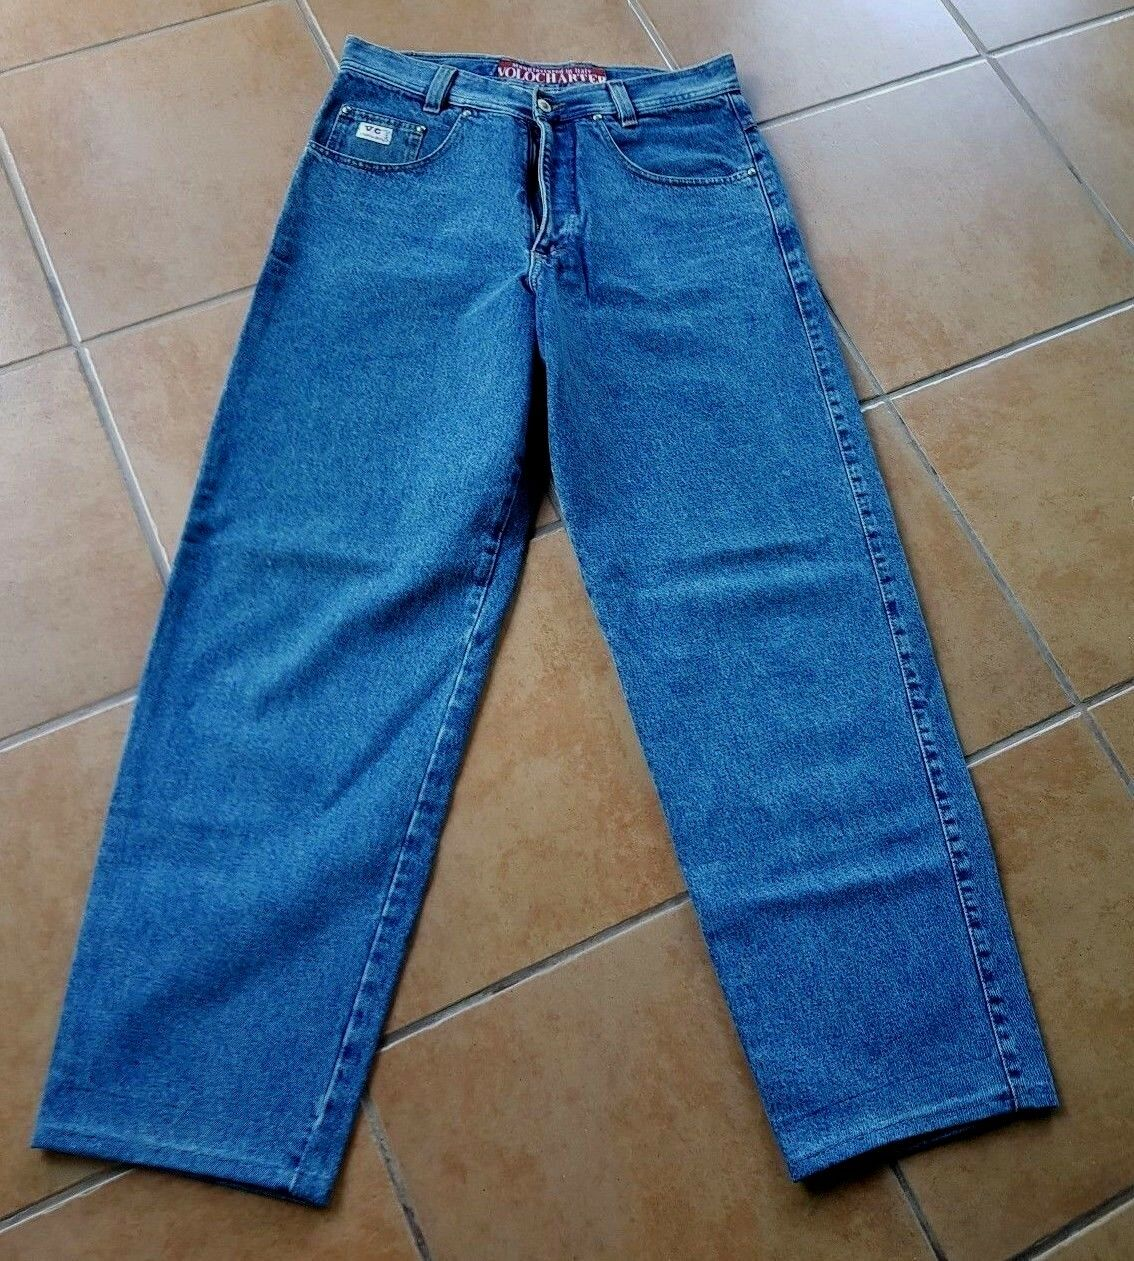 Pantaloni UOMO JEANS Volocharter tg. tg. tg. 33 blu e8aed7